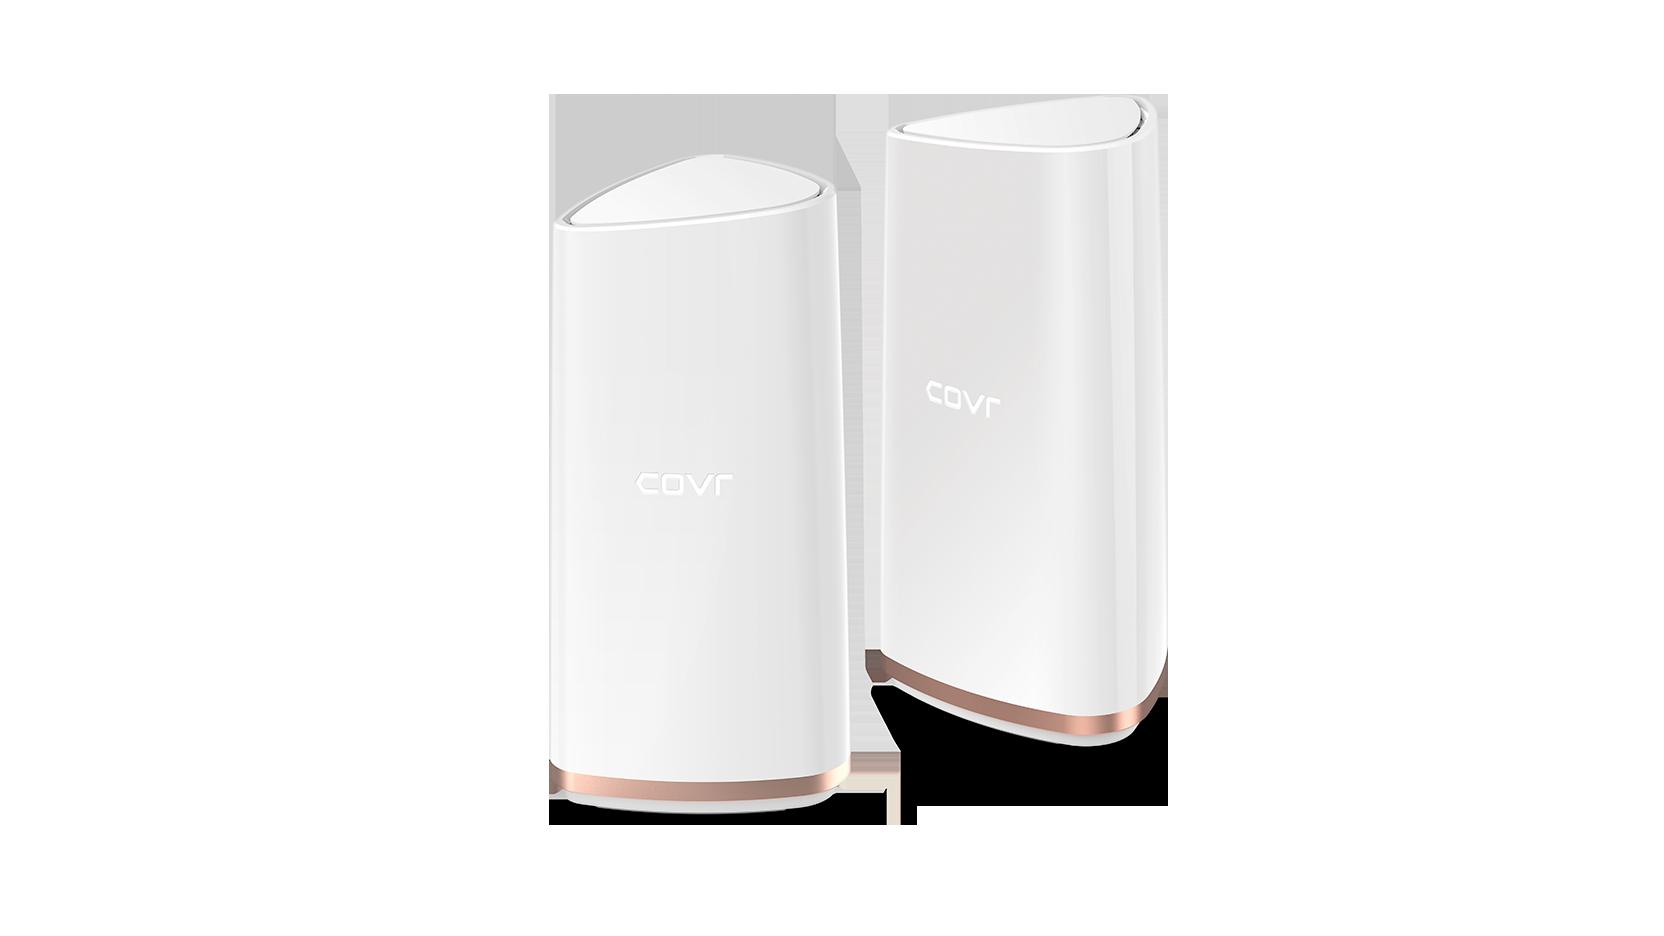 COVR-2202_2